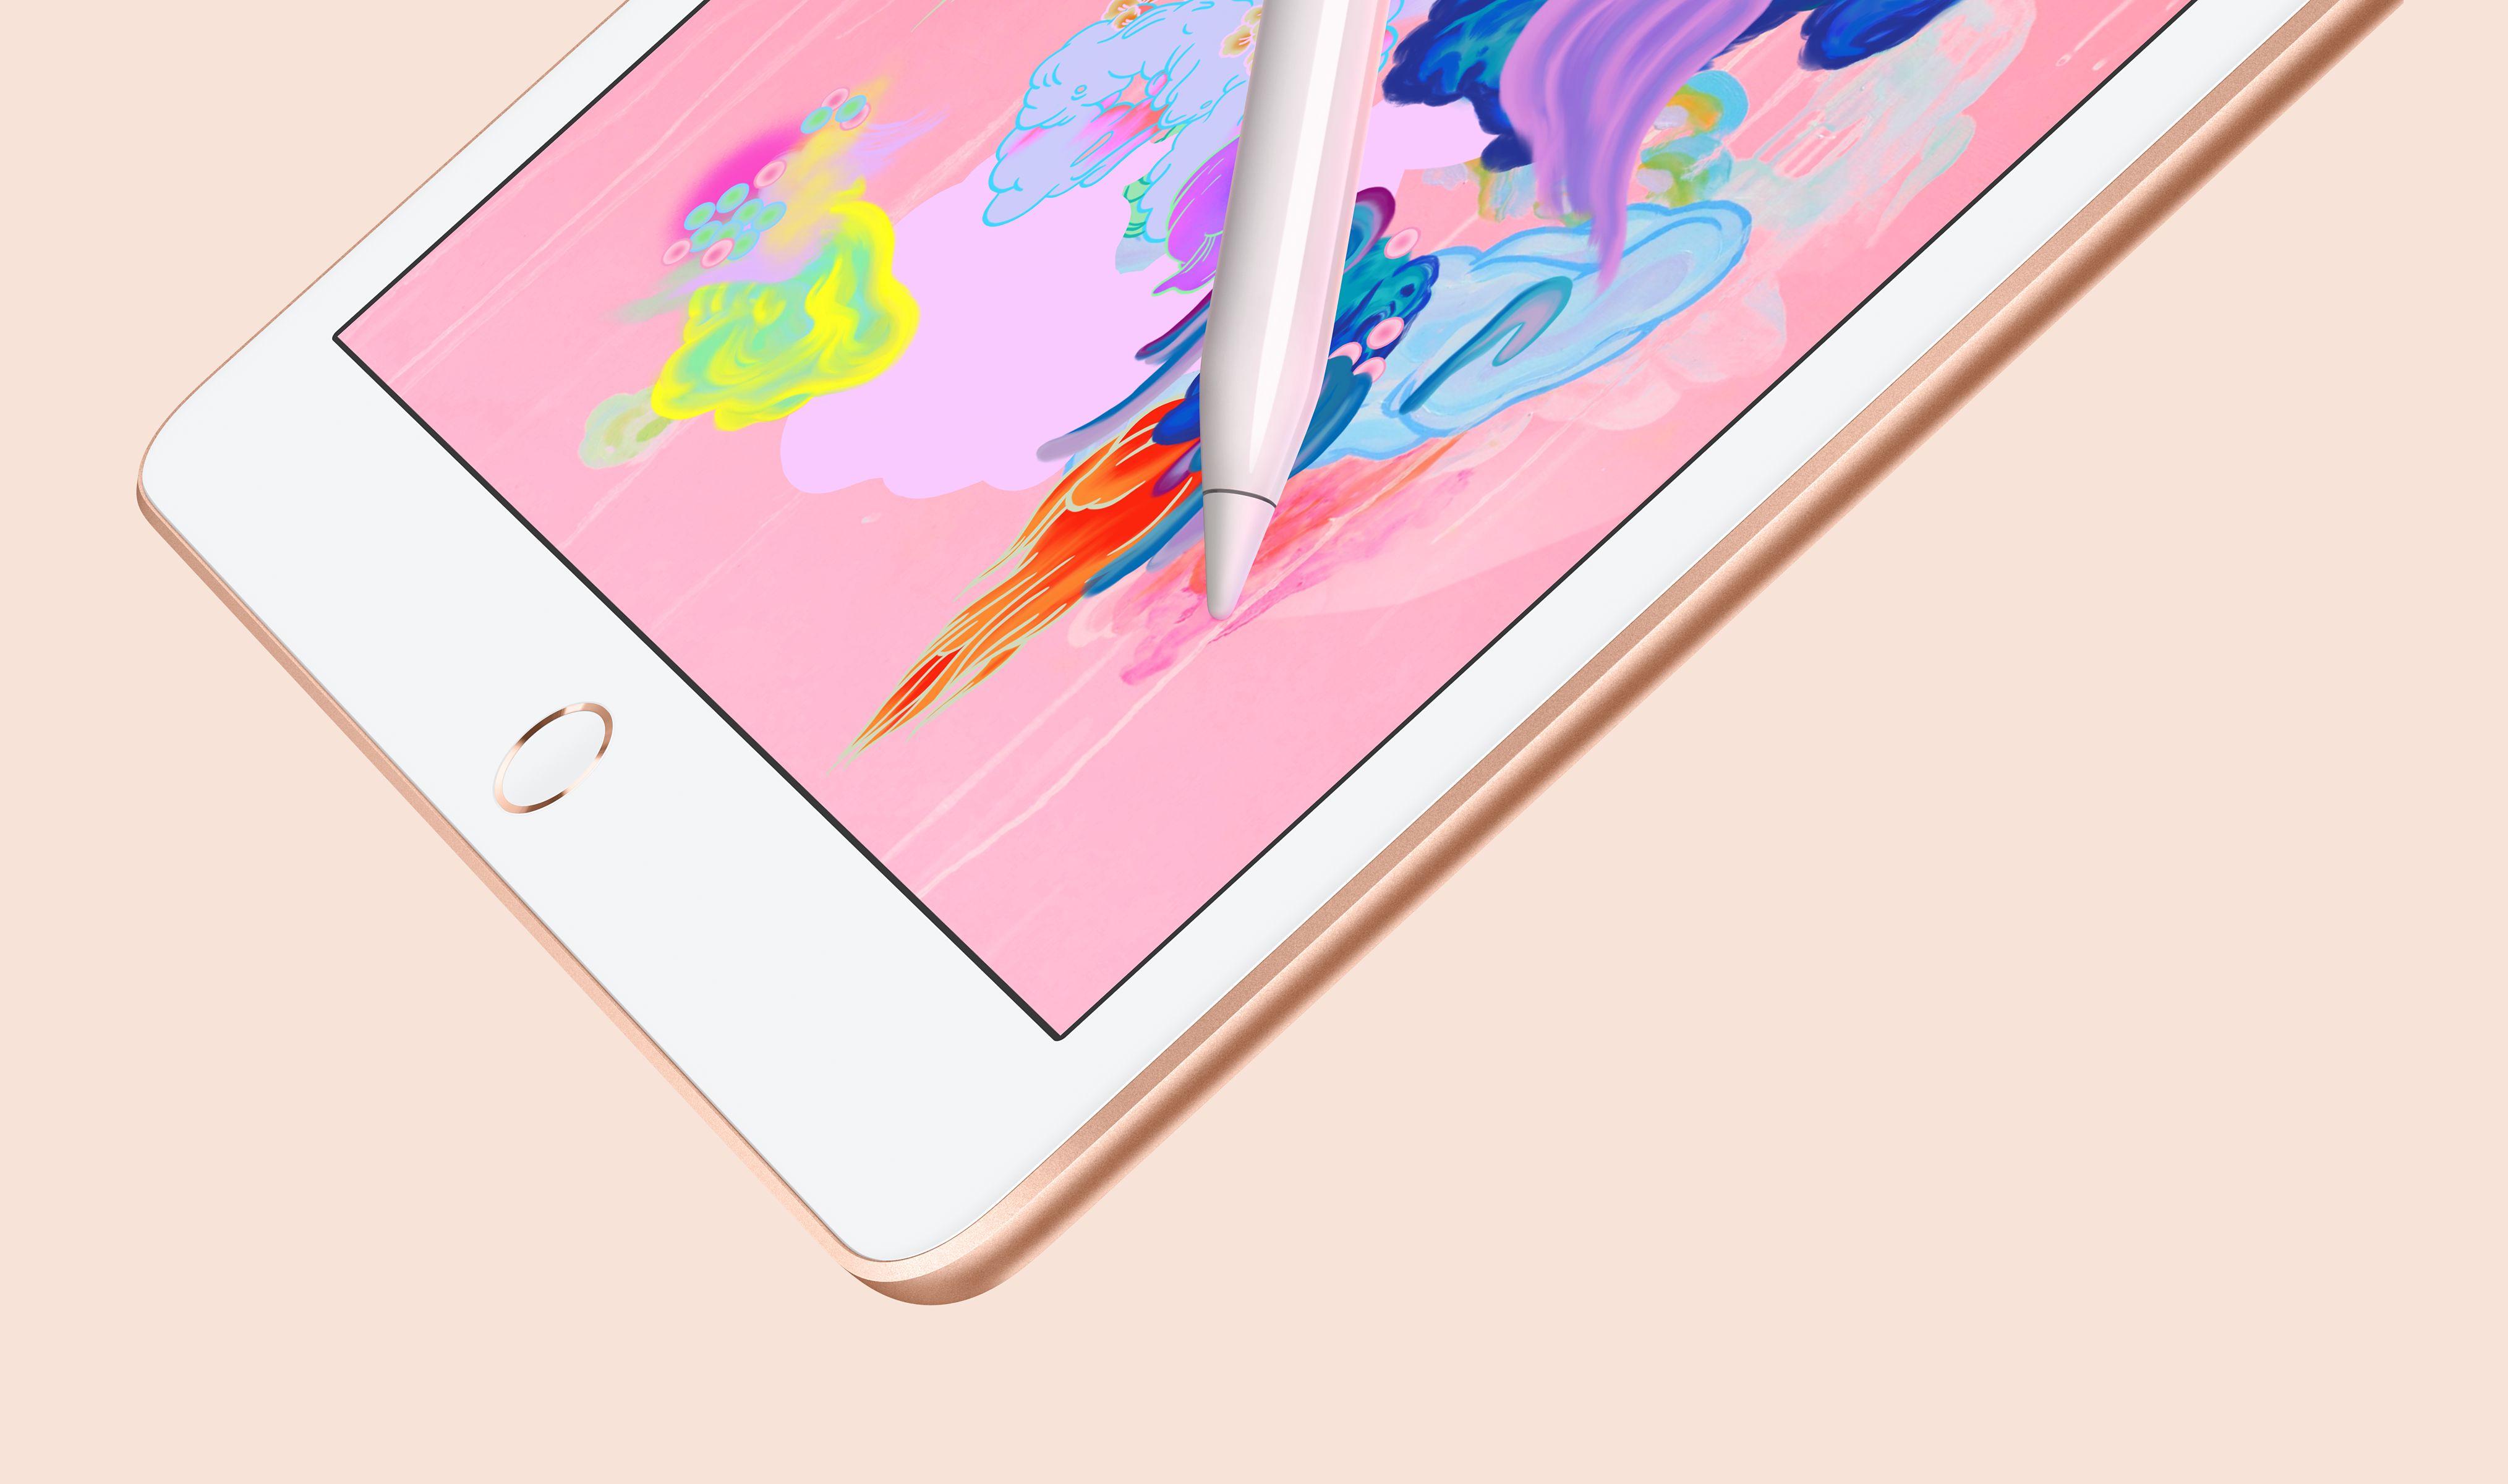 ドコモ、「Go!Go!iPad割」を2019年1月まで継続。Apple Pencil対応「iPad」が実質5,184円に